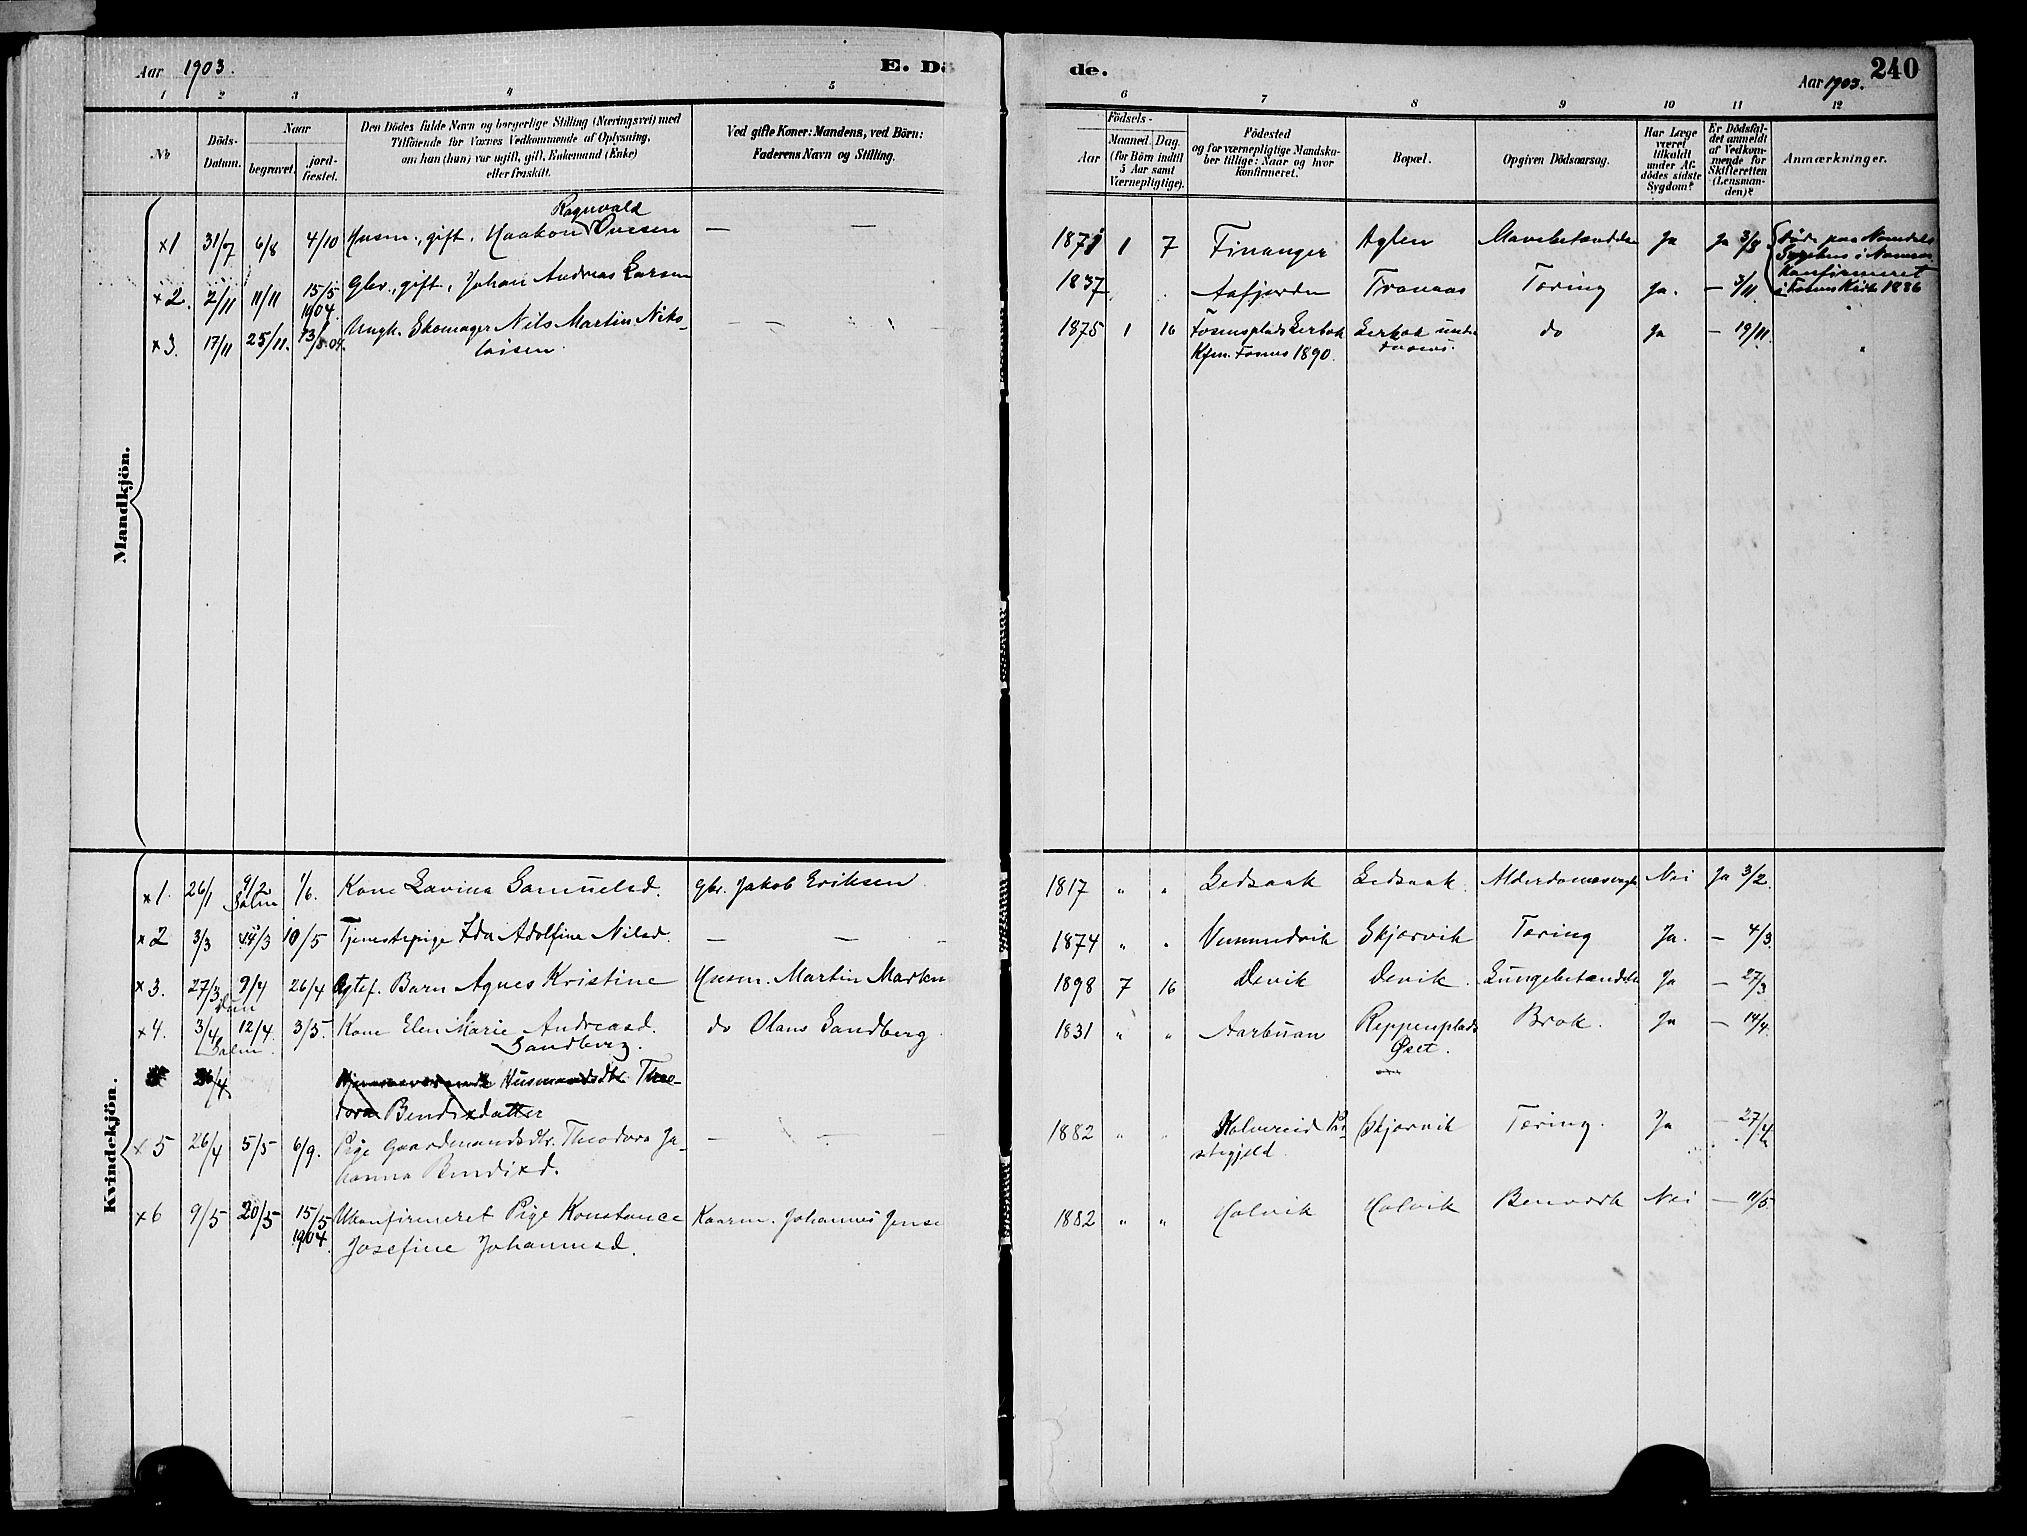 SAT, Ministerialprotokoller, klokkerbøker og fødselsregistre - Nord-Trøndelag, 773/L0617: Ministerialbok nr. 773A08, 1887-1910, s. 240